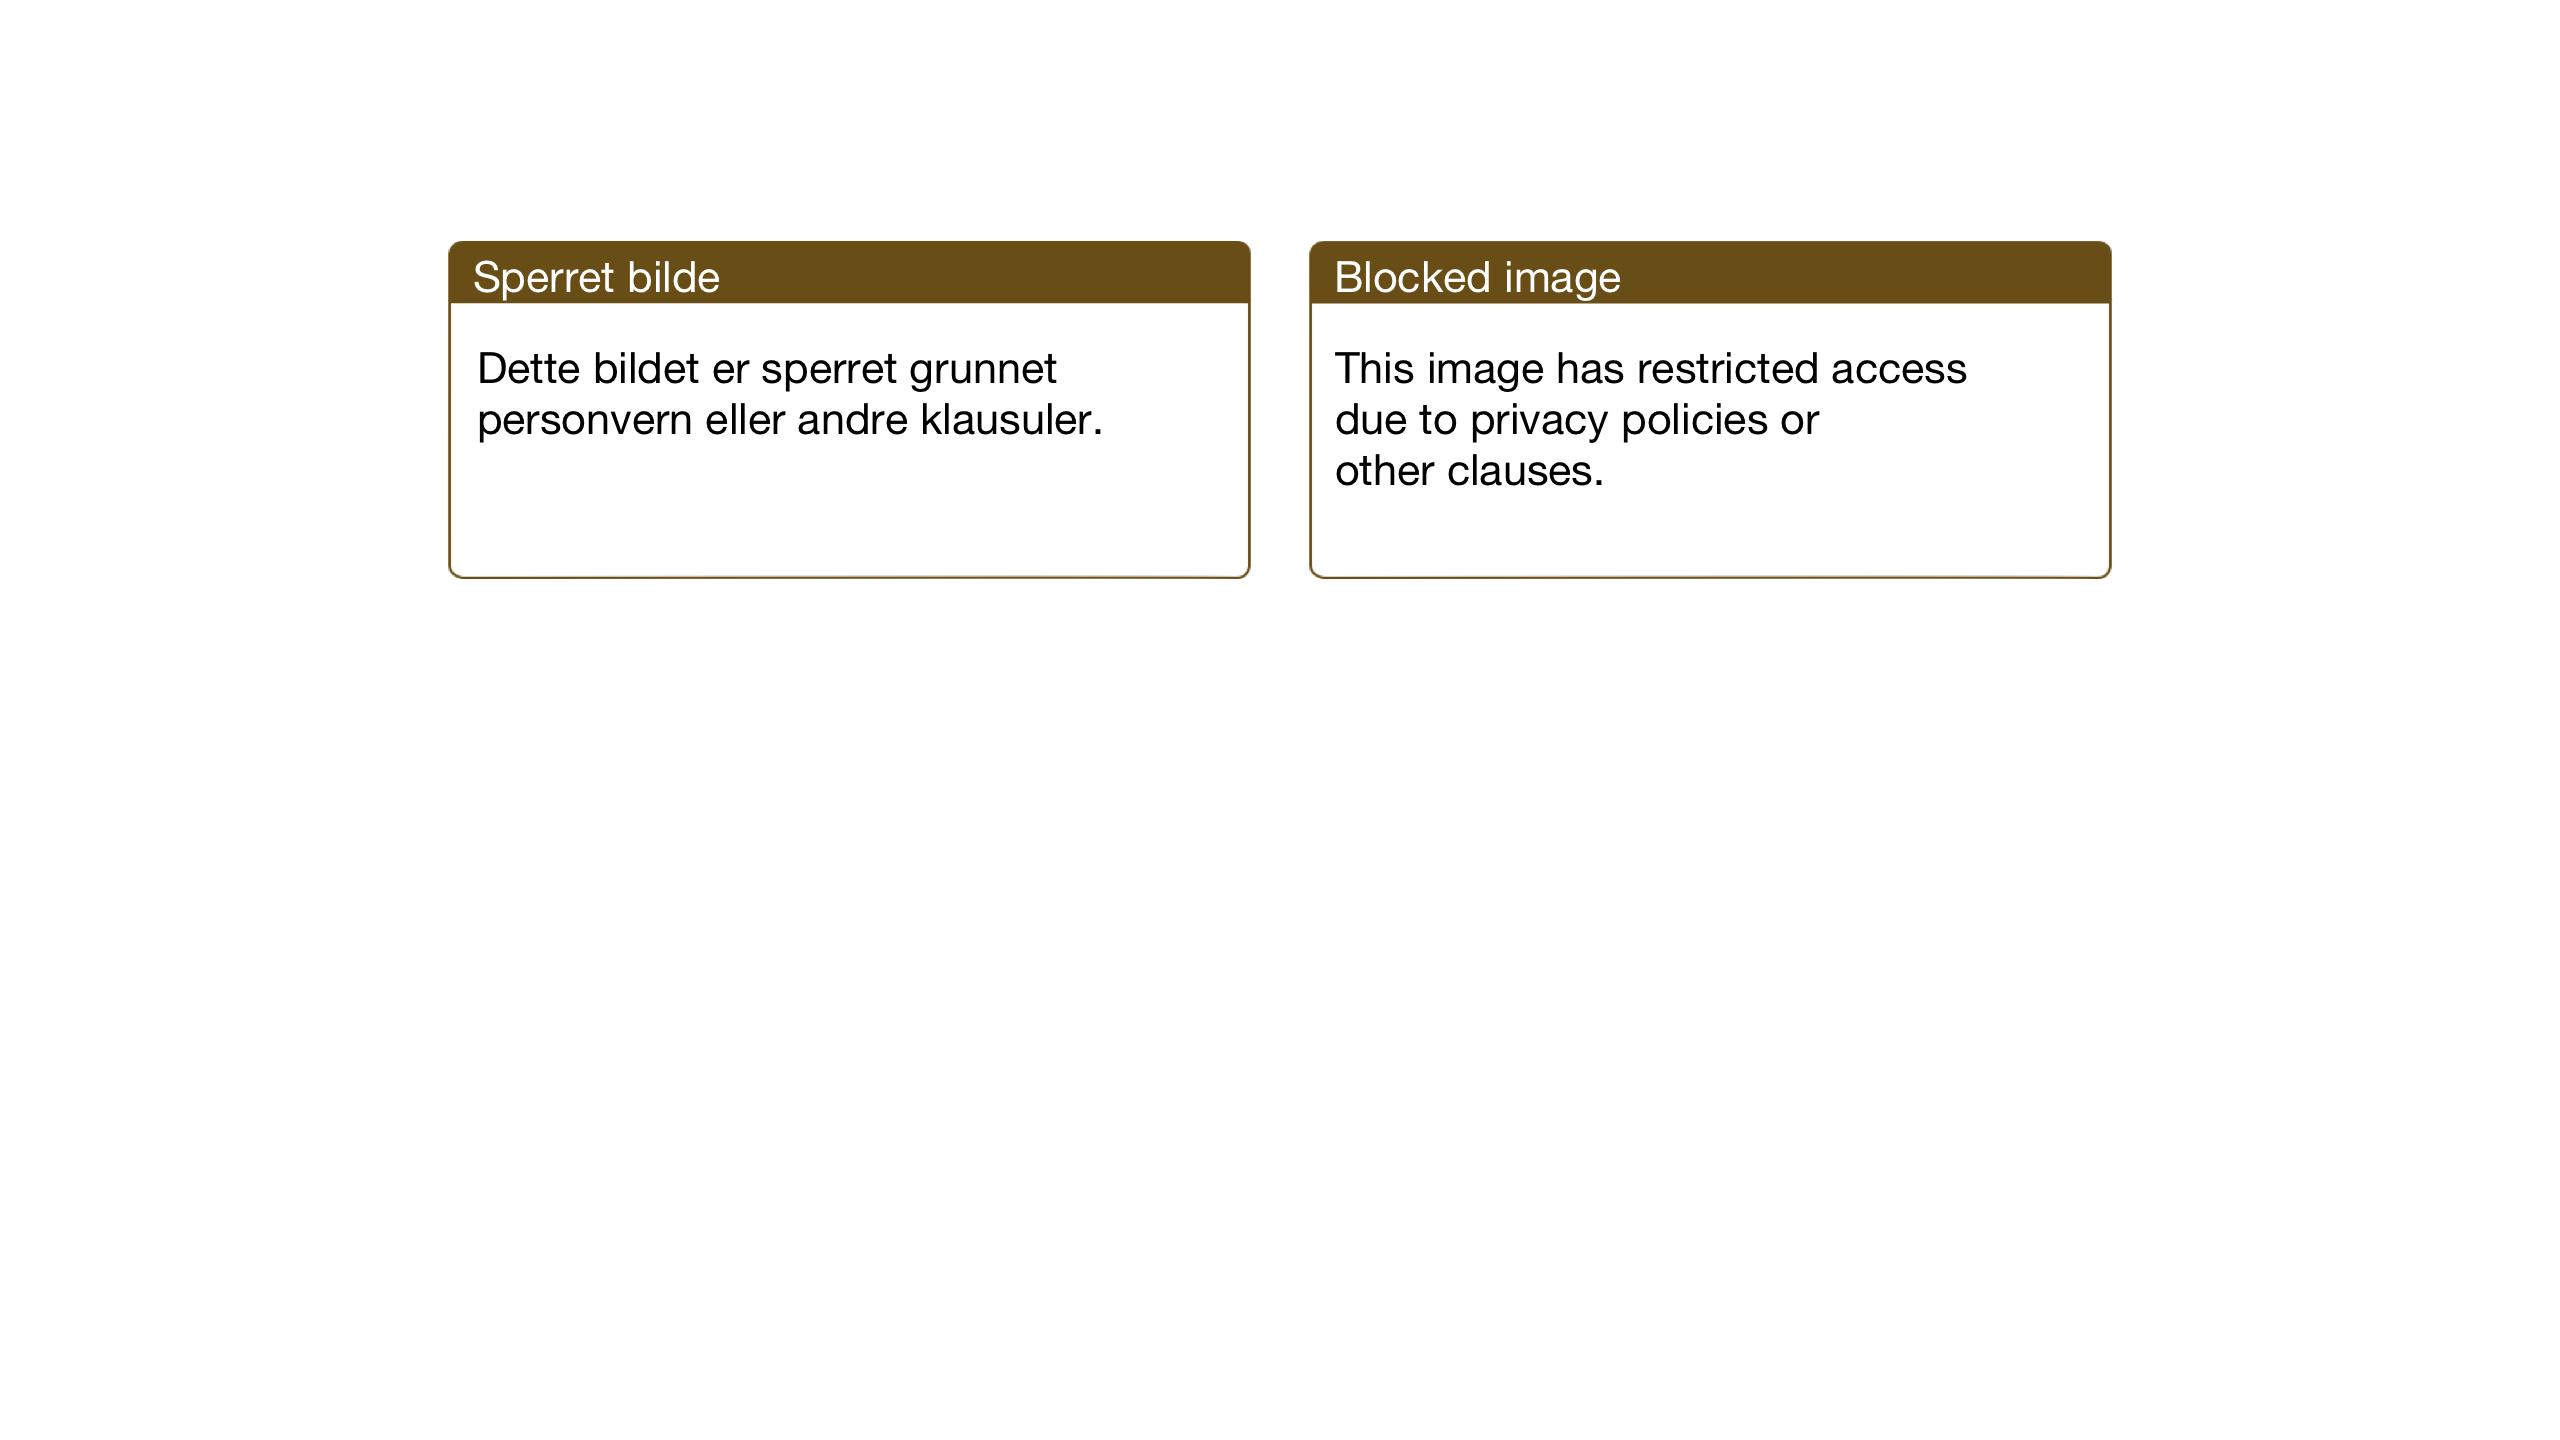 SAT, Ministerialprotokoller, klokkerbøker og fødselsregistre - Sør-Trøndelag, 674/L0878: Klokkerbok nr. 674C05, 1941-1950, s. 42